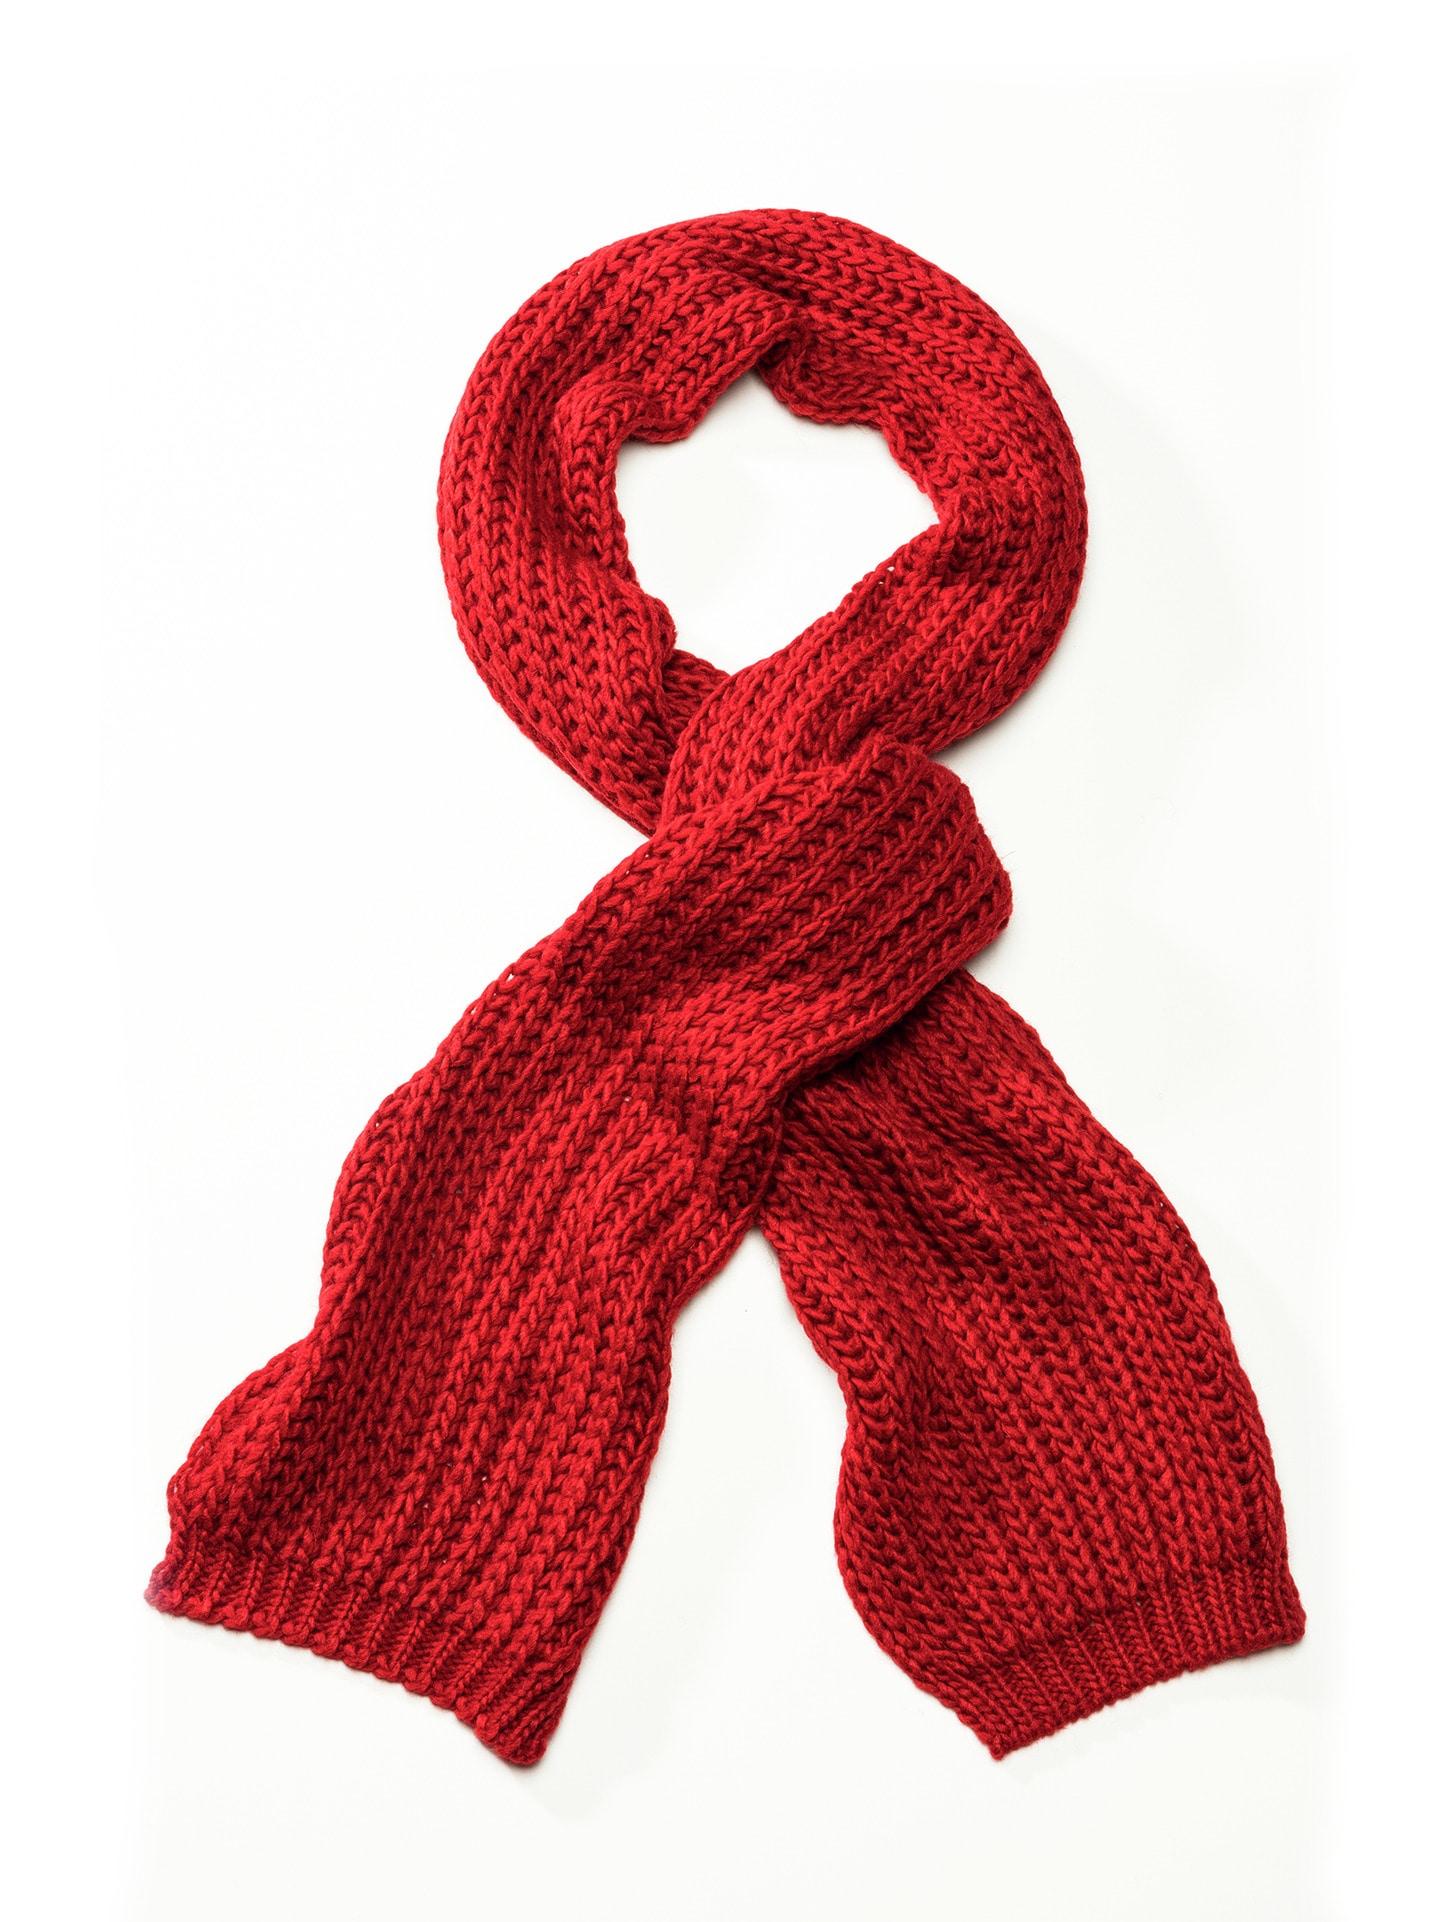 Walbusch Herren Strickschal einfarbig Rot 01 29-1296-1